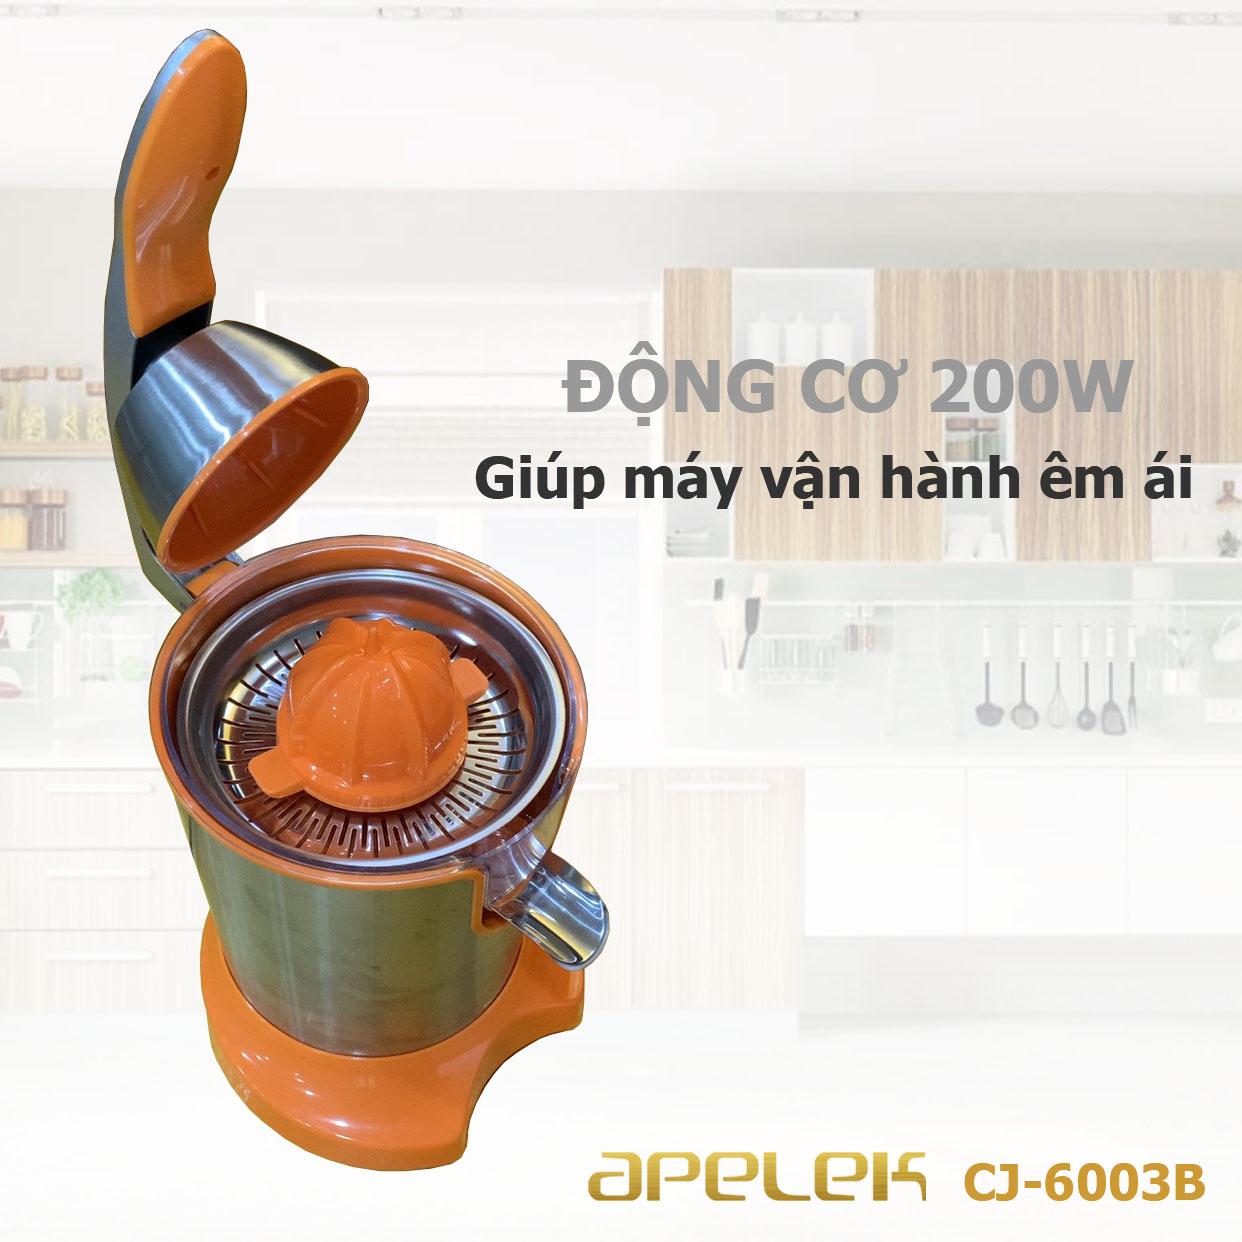 Máy vắt cam APELEK CJ-6003B - Hàng chính hãng - Đầu rót trực tiếp tiện lợi - Công suất 200W mạnh mẽ - Lưới lọc bằng Inox 304 dễ dàng vệ sinh - Tay ép an toàn-  Hai đầu vắt lớn và nhỏ